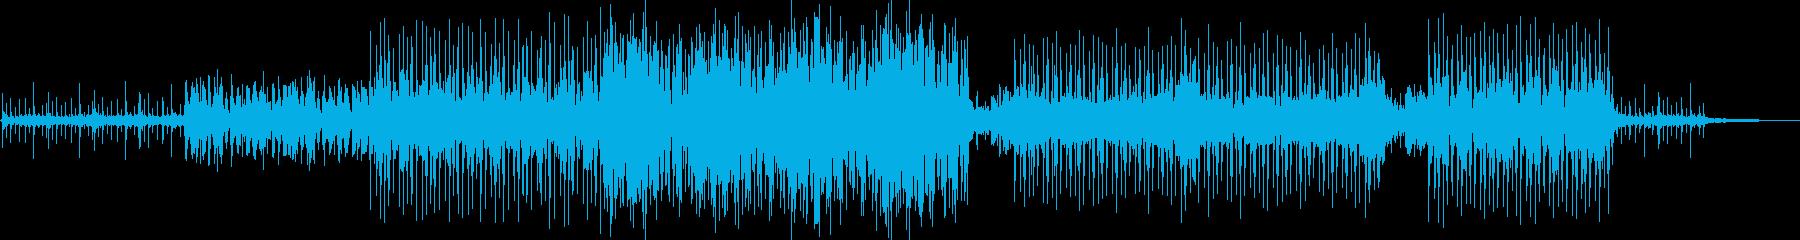 暗く神秘的なシンセサイザーBGM曲の再生済みの波形